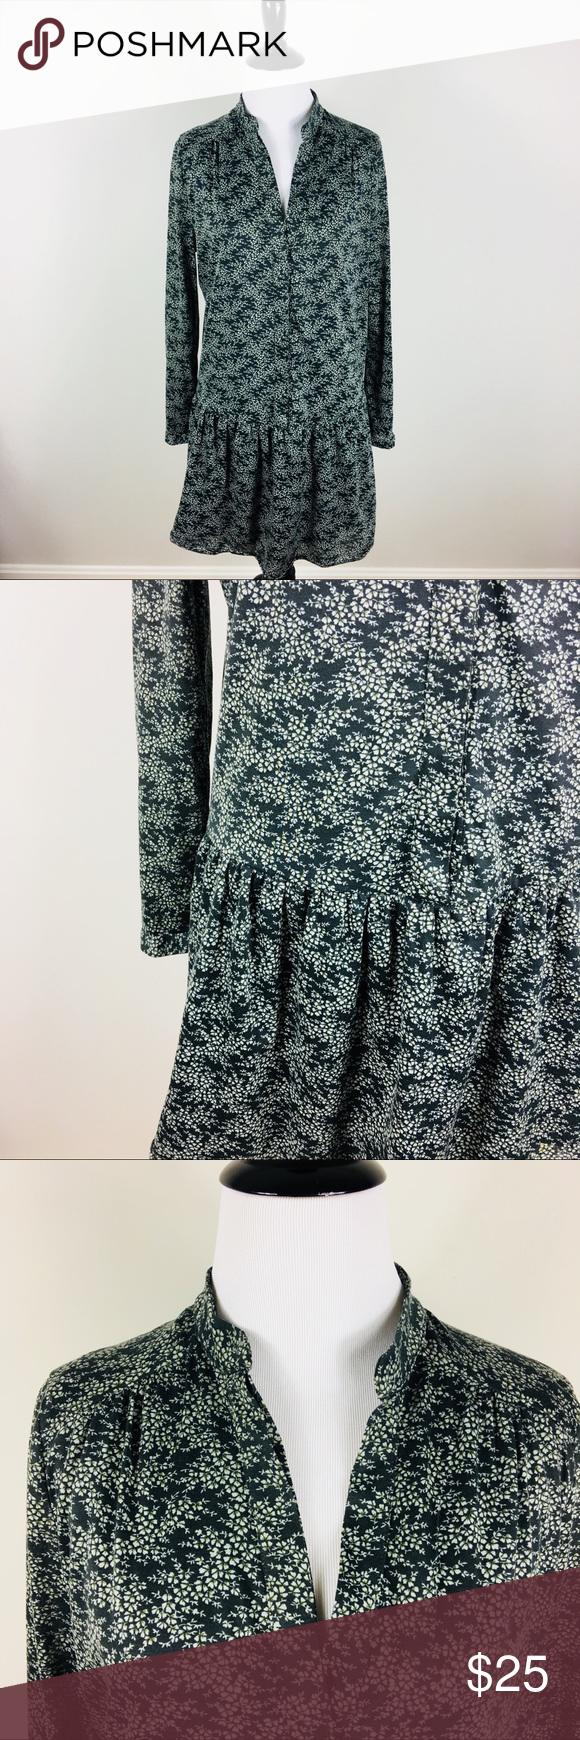 Mng printed shirt dress micro floral long sleeve drawstring